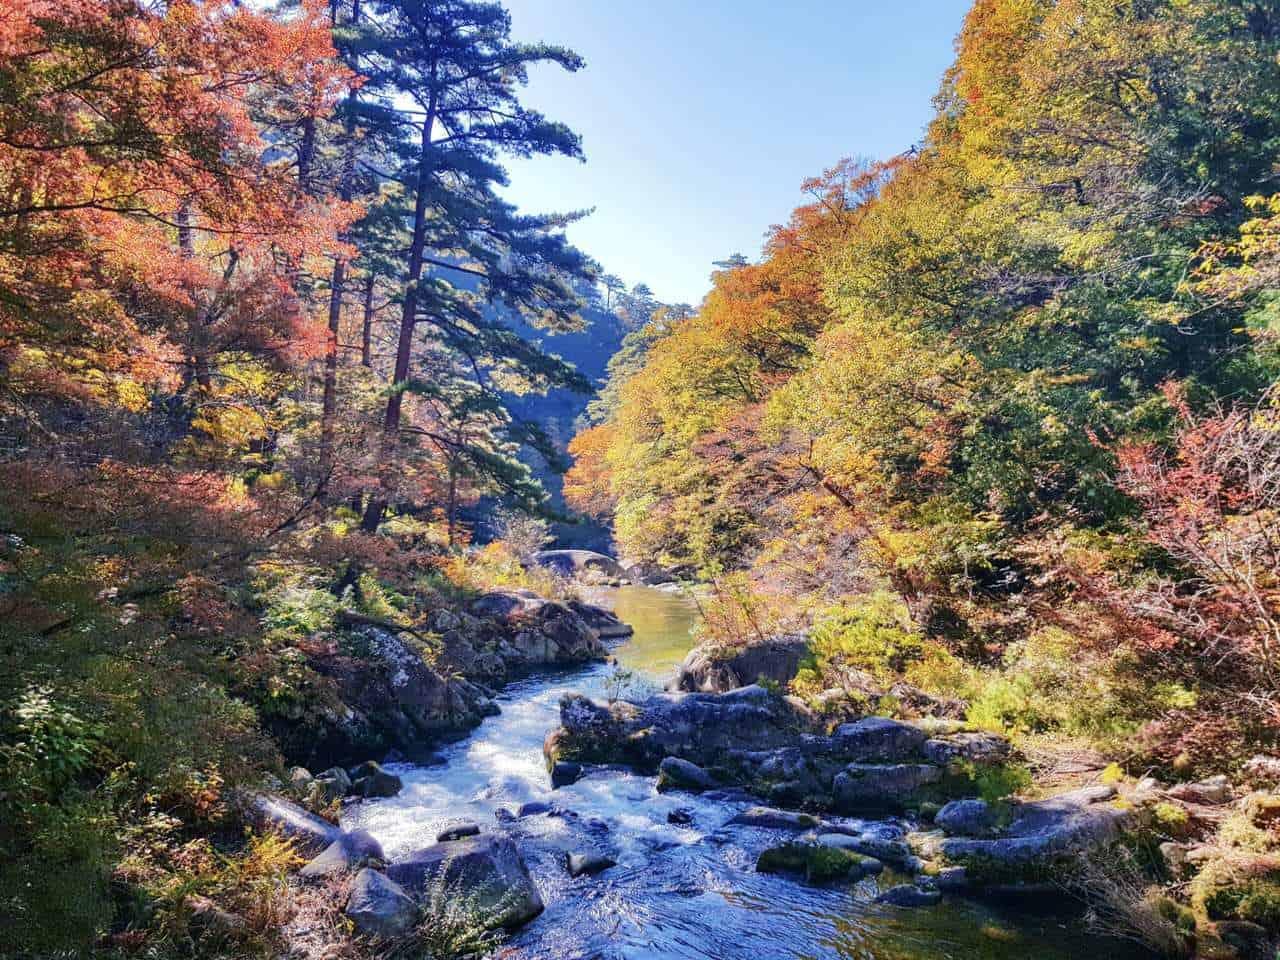 Kofu et la vallée de Shosenkyo, excursion au cœur des montagnes de la préfecture de Yamanashi